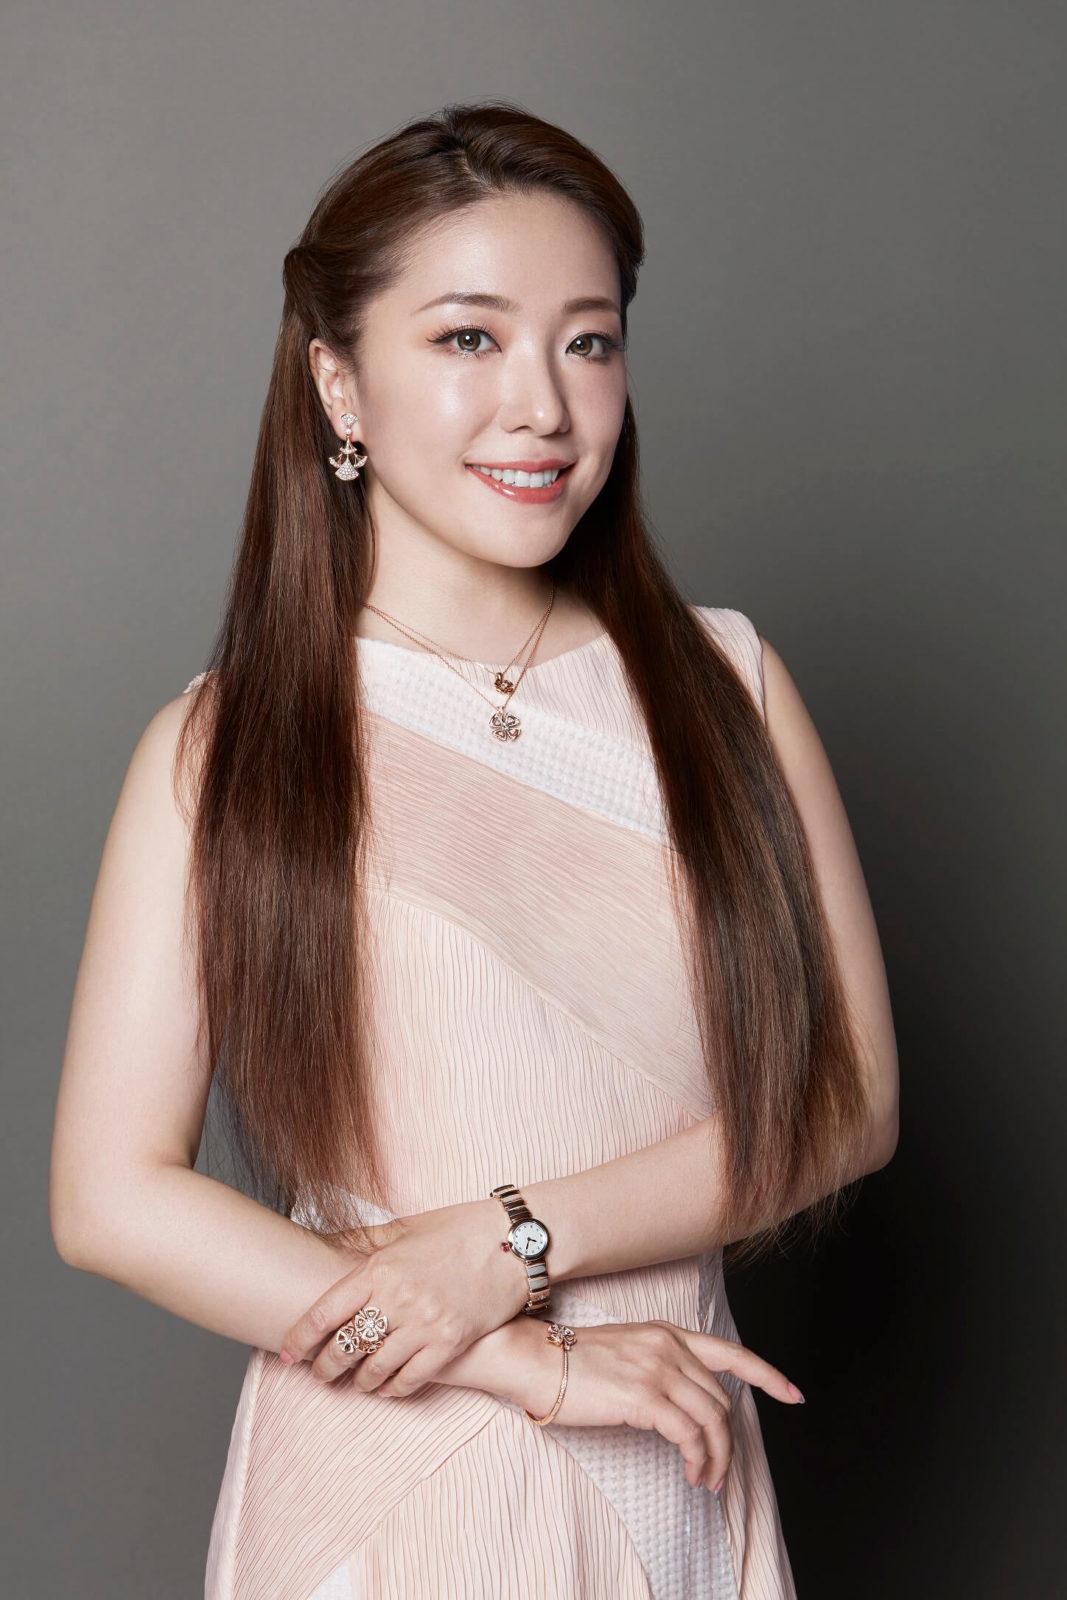 平原綾香、新作ライブBlu-rayを9月30日(水)にリリースサムネイル画像